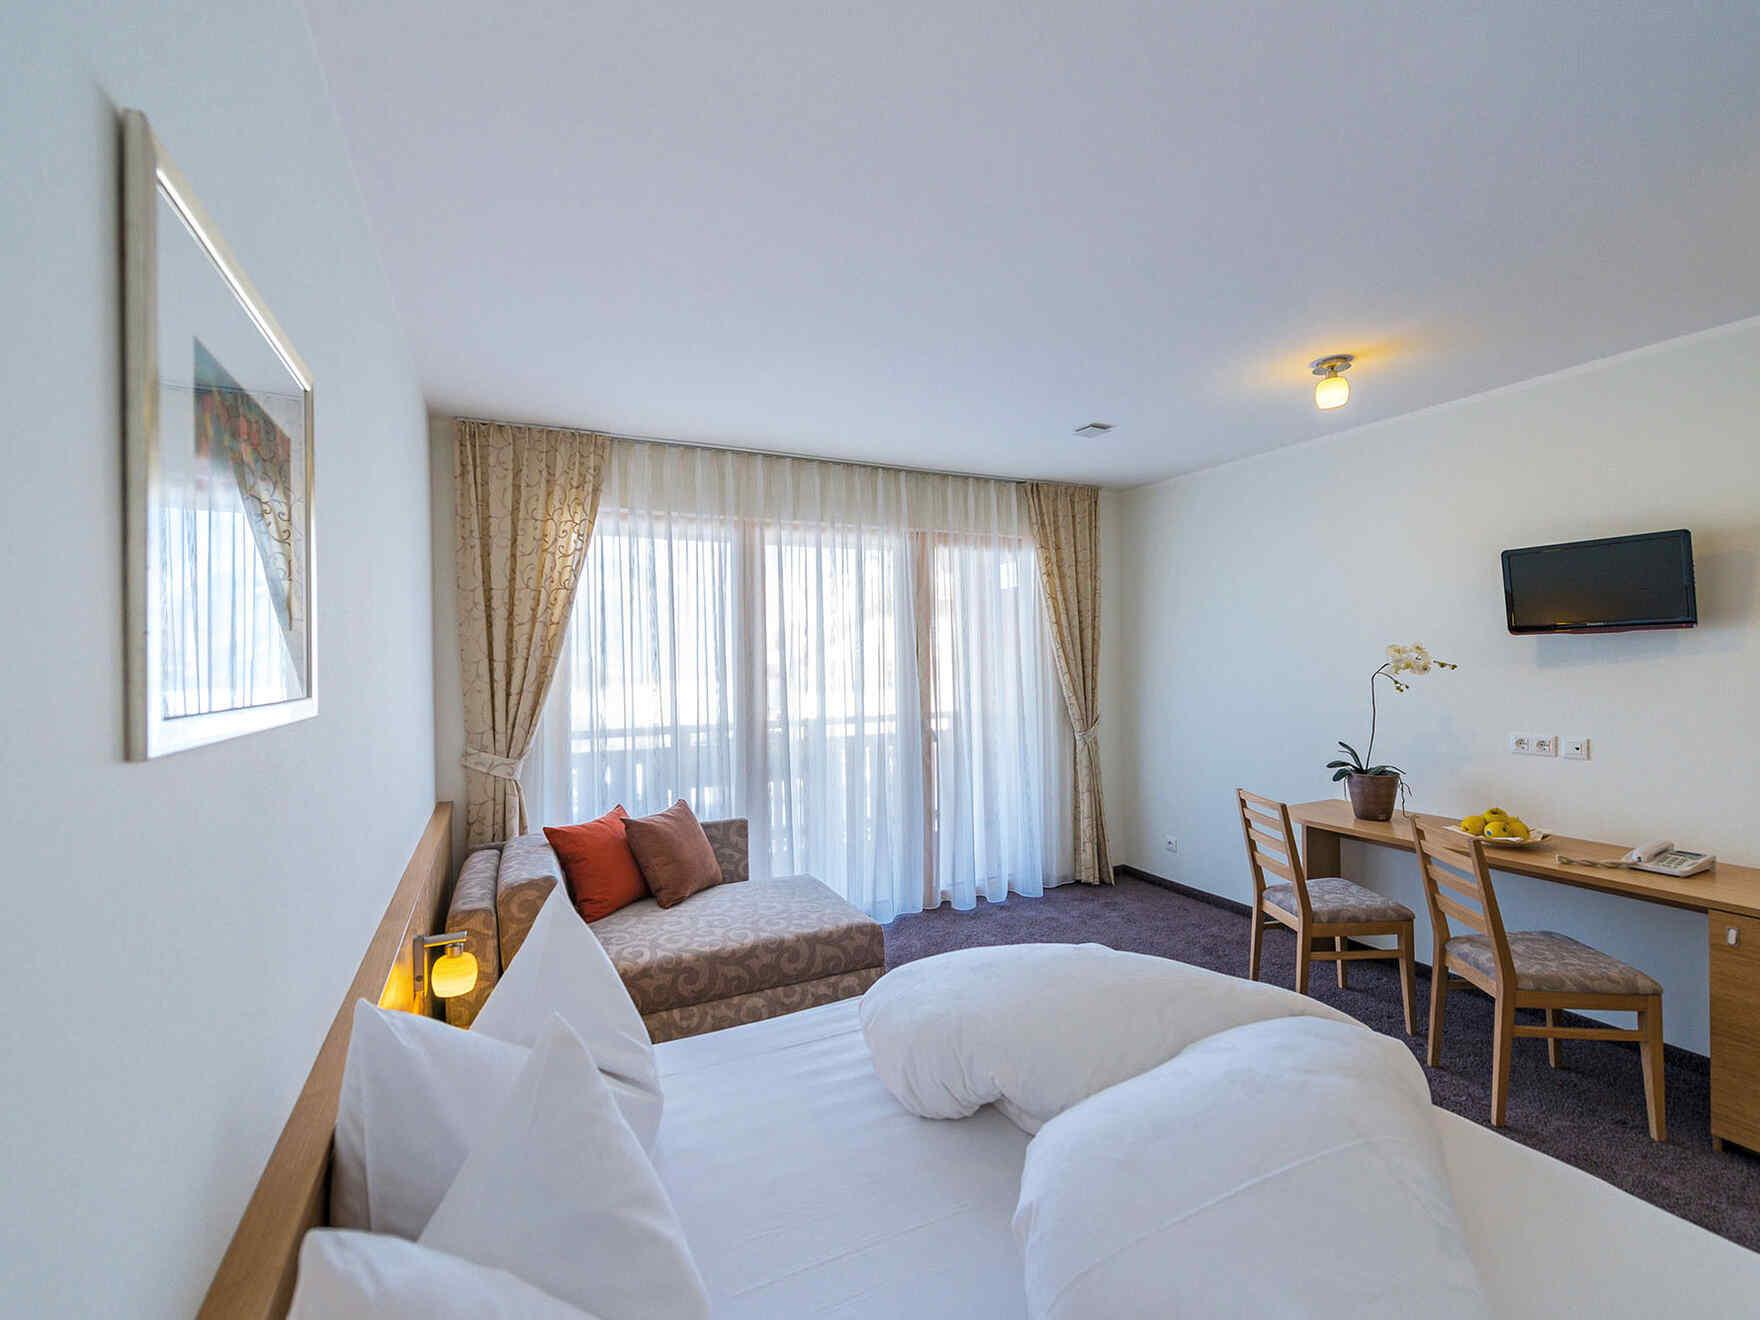 Fertighaus Hotelerweiterung